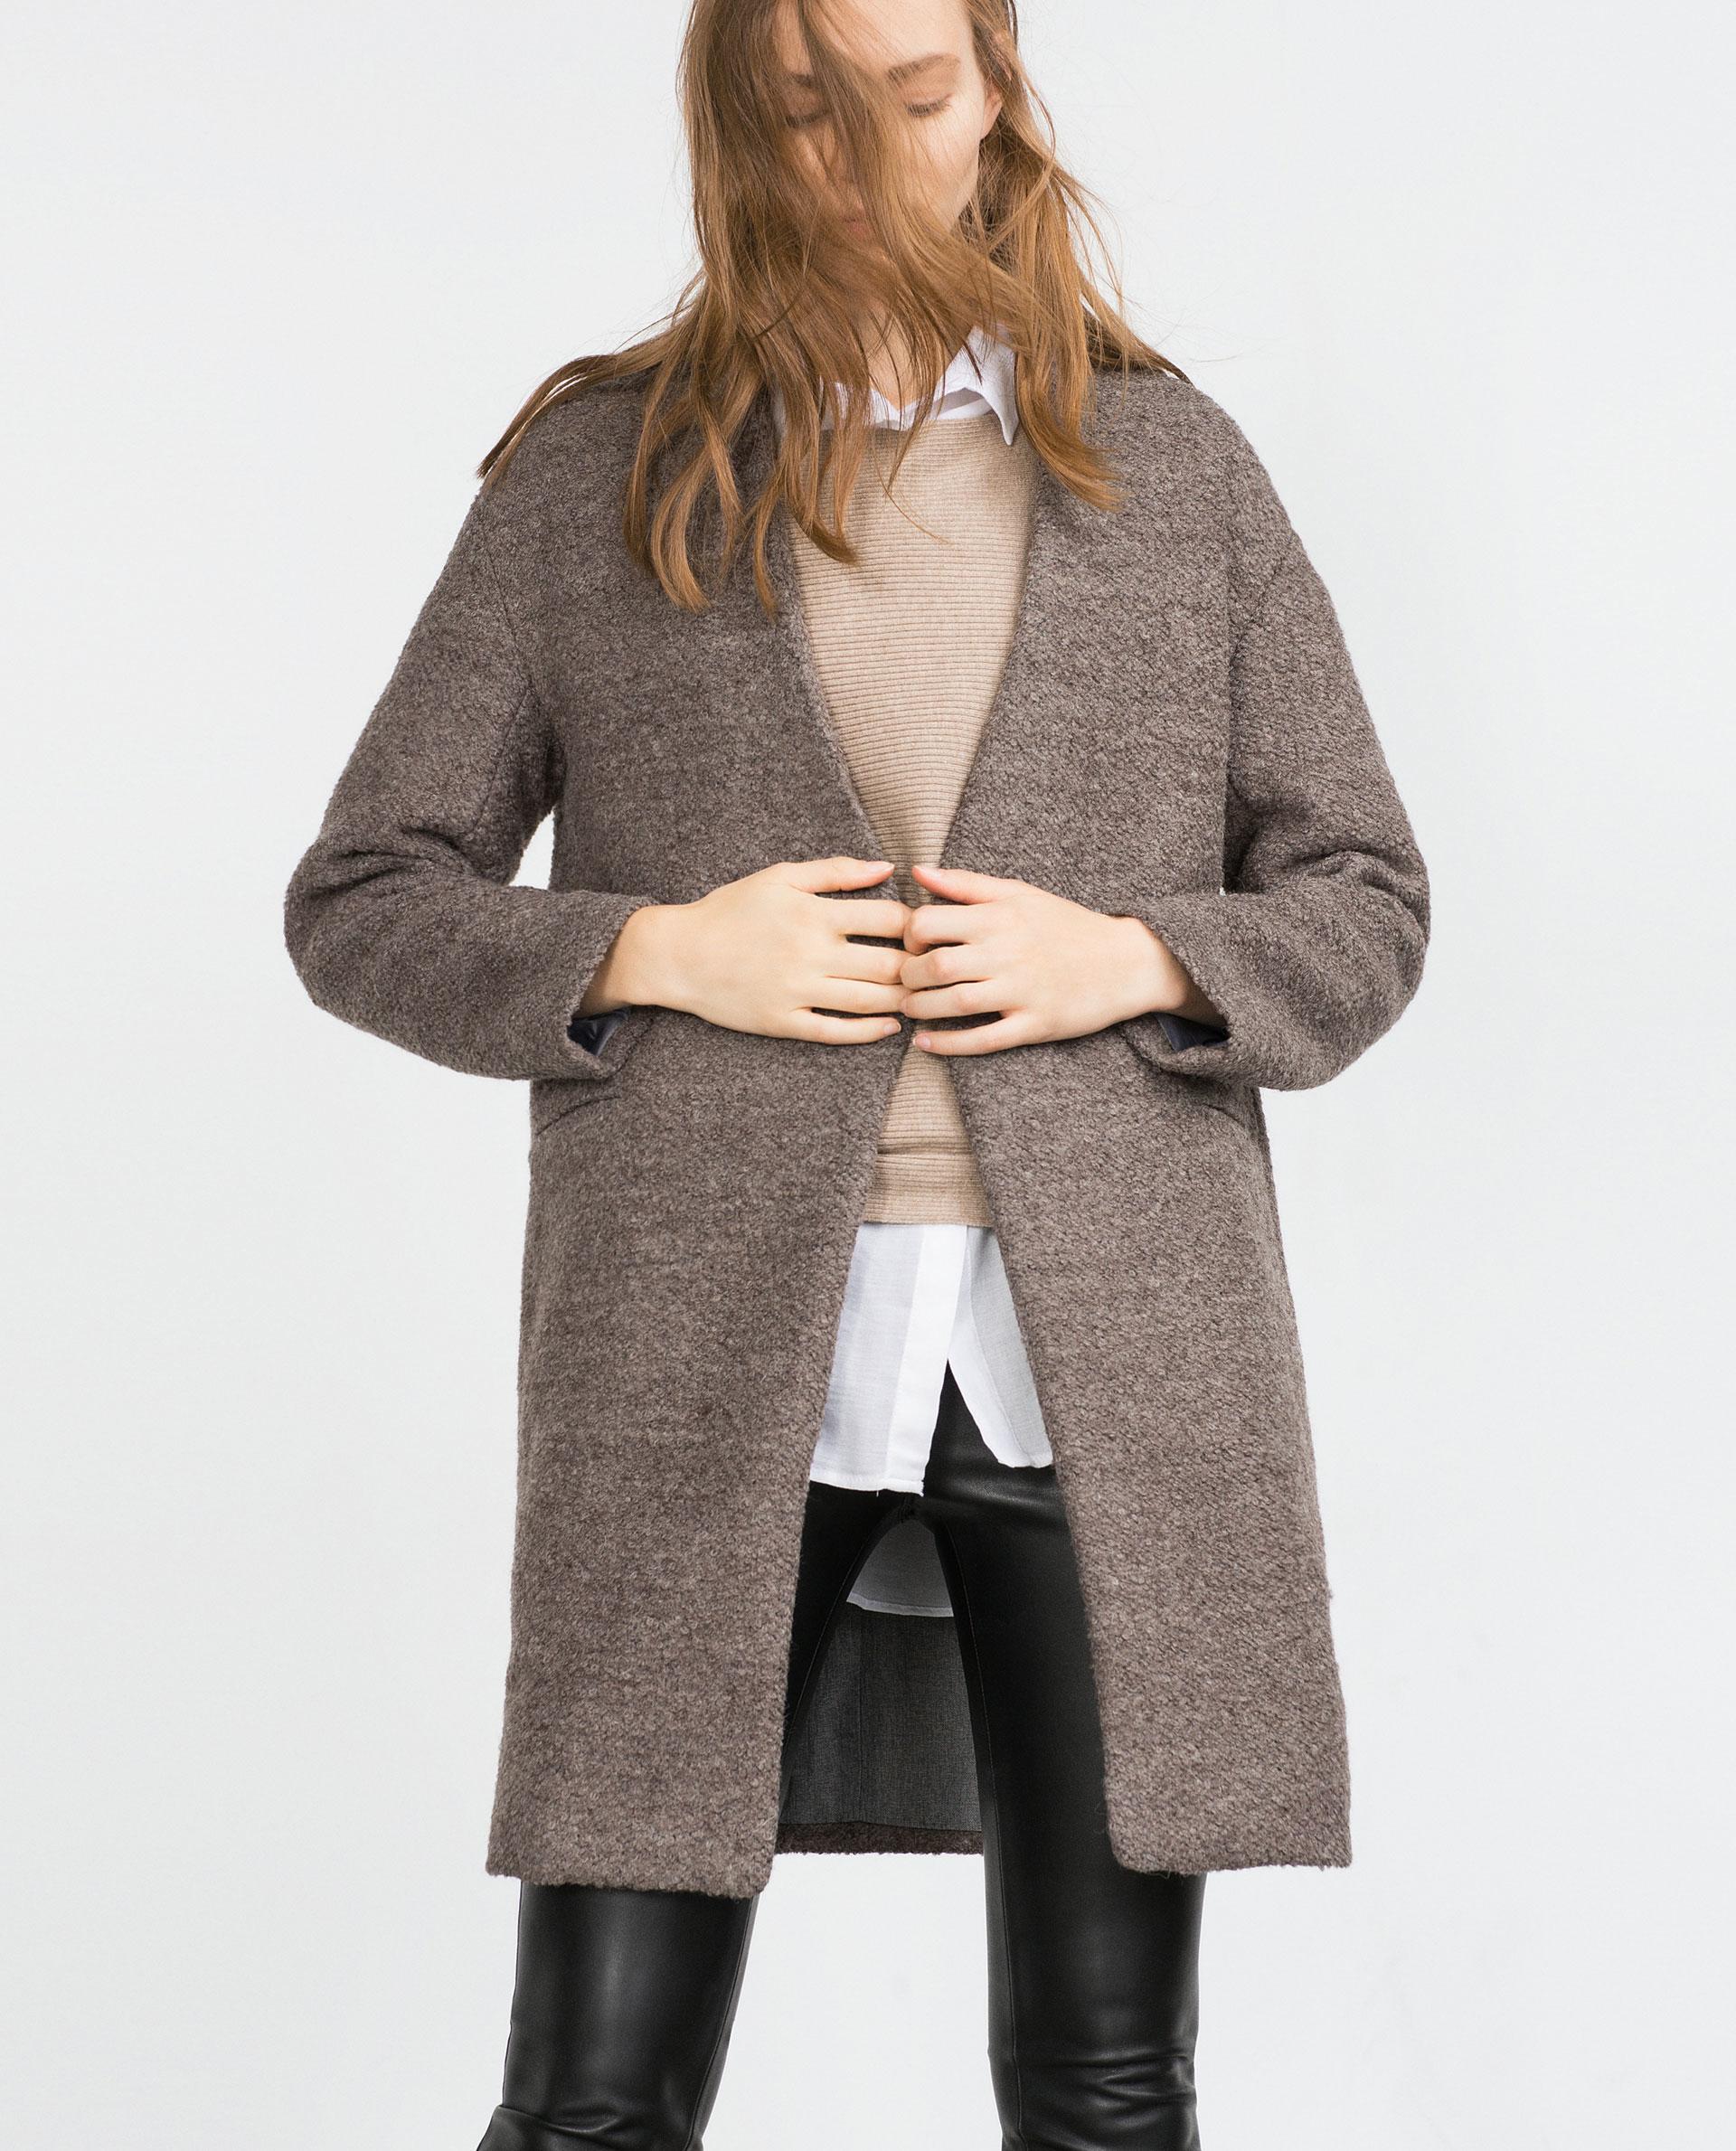 Zara Bouclé Wool Coat in Brown | Lyst